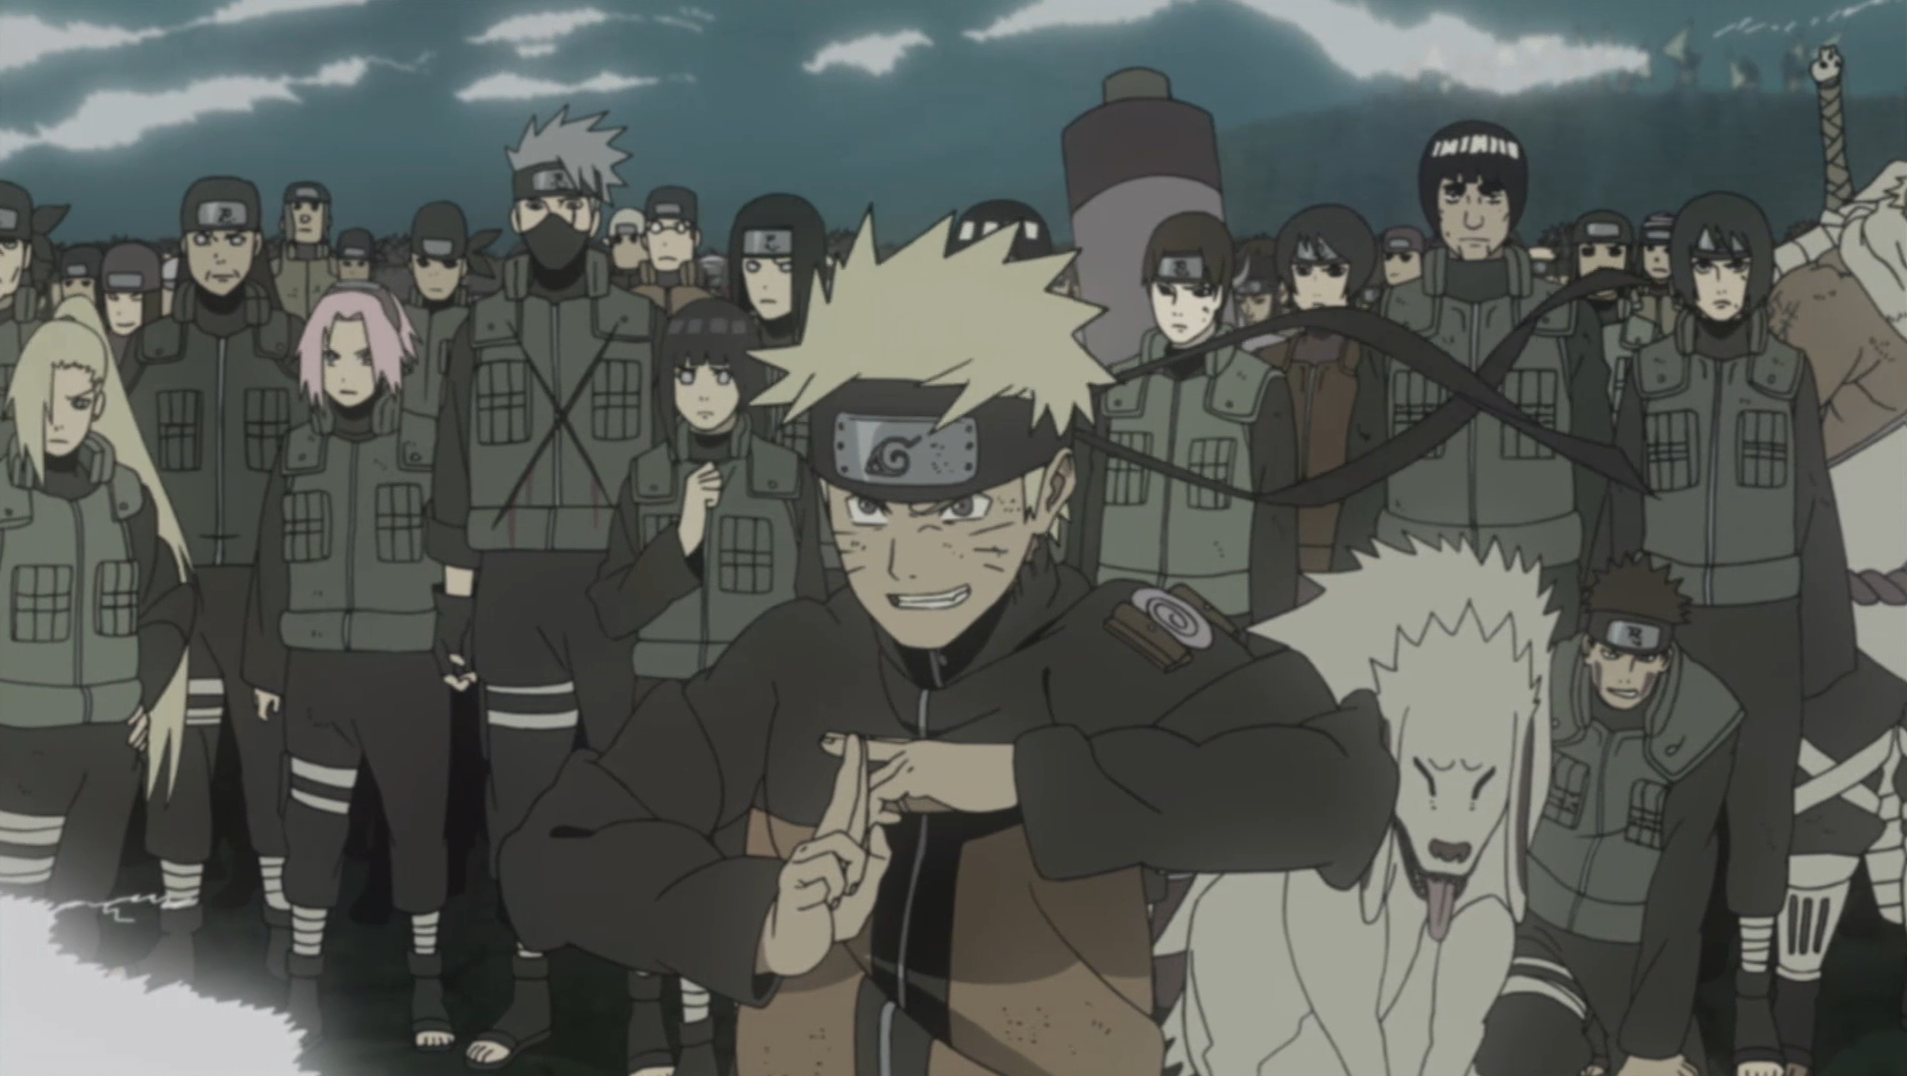 The Allied Shinobi Forces Technique | Narutopedia | FANDOM